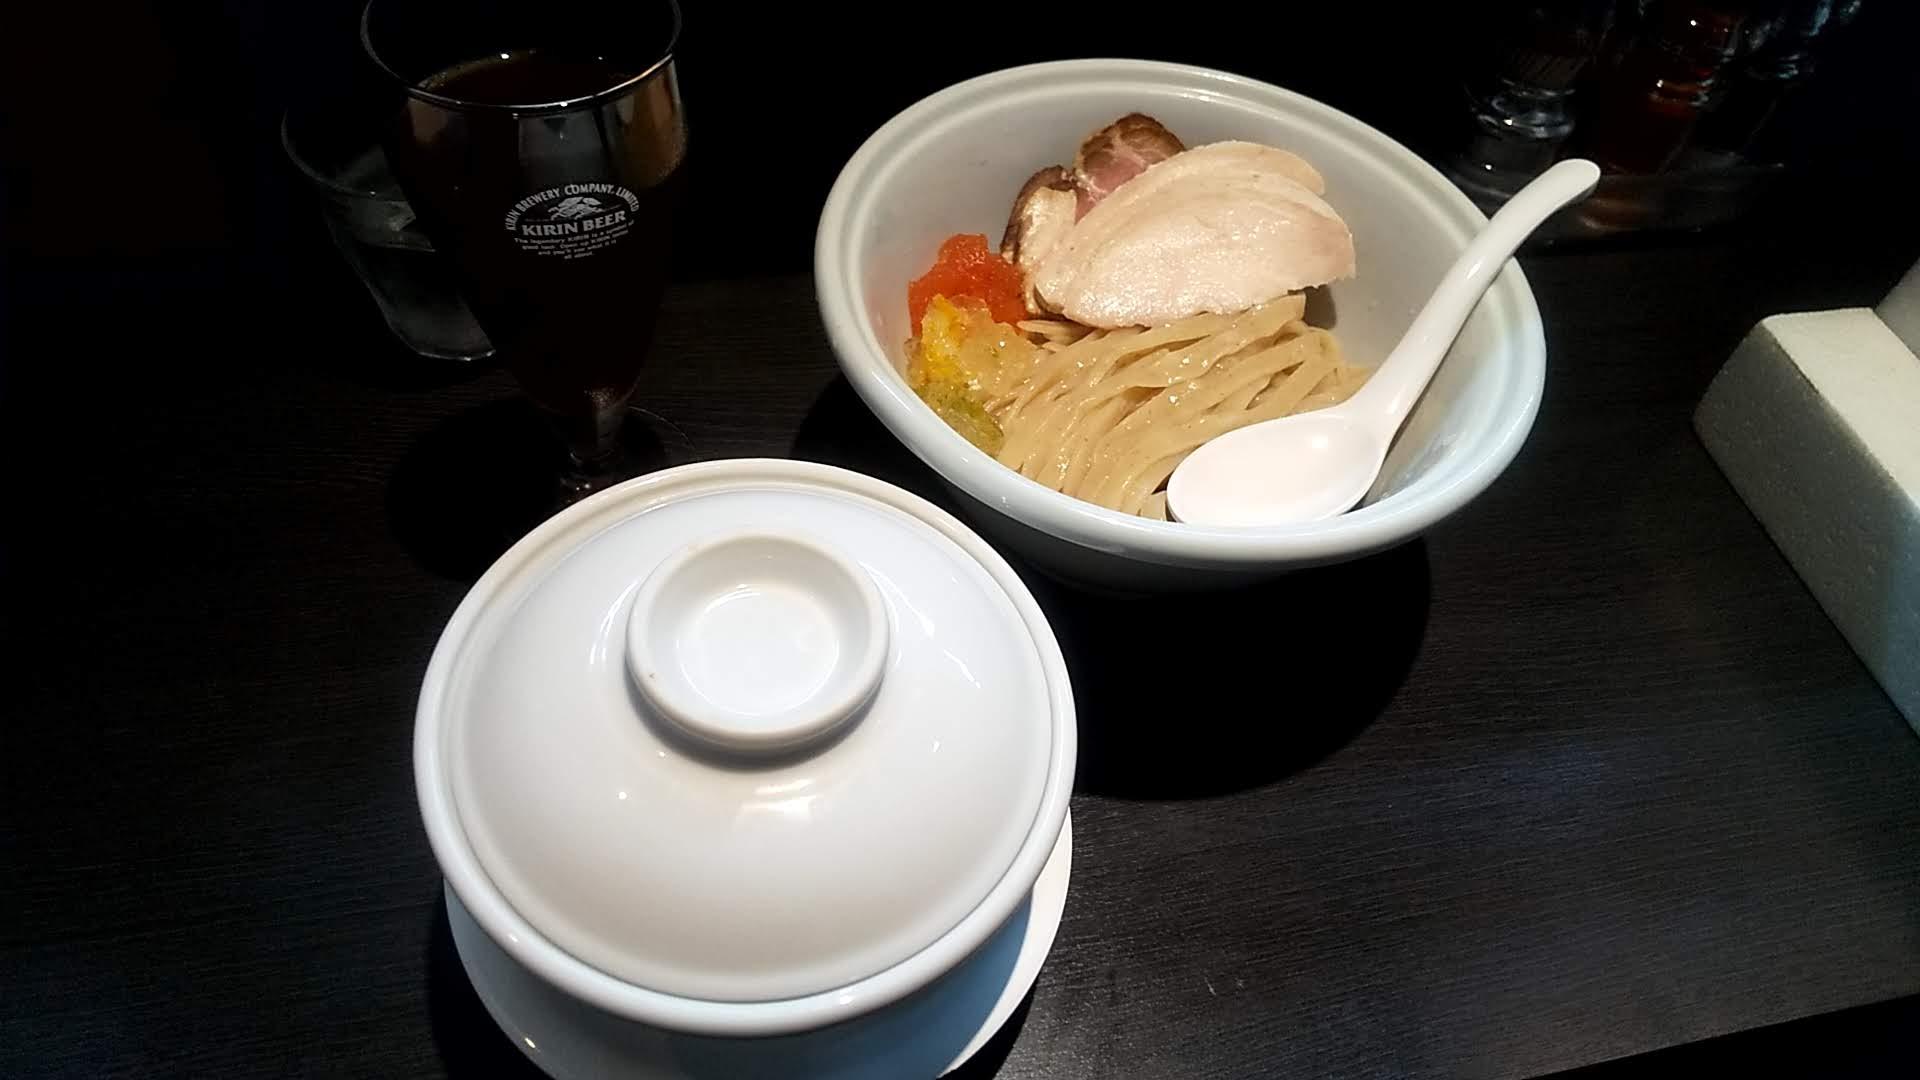 らーめん三極志の特製つけ麺(蓋を開ける前)の写真